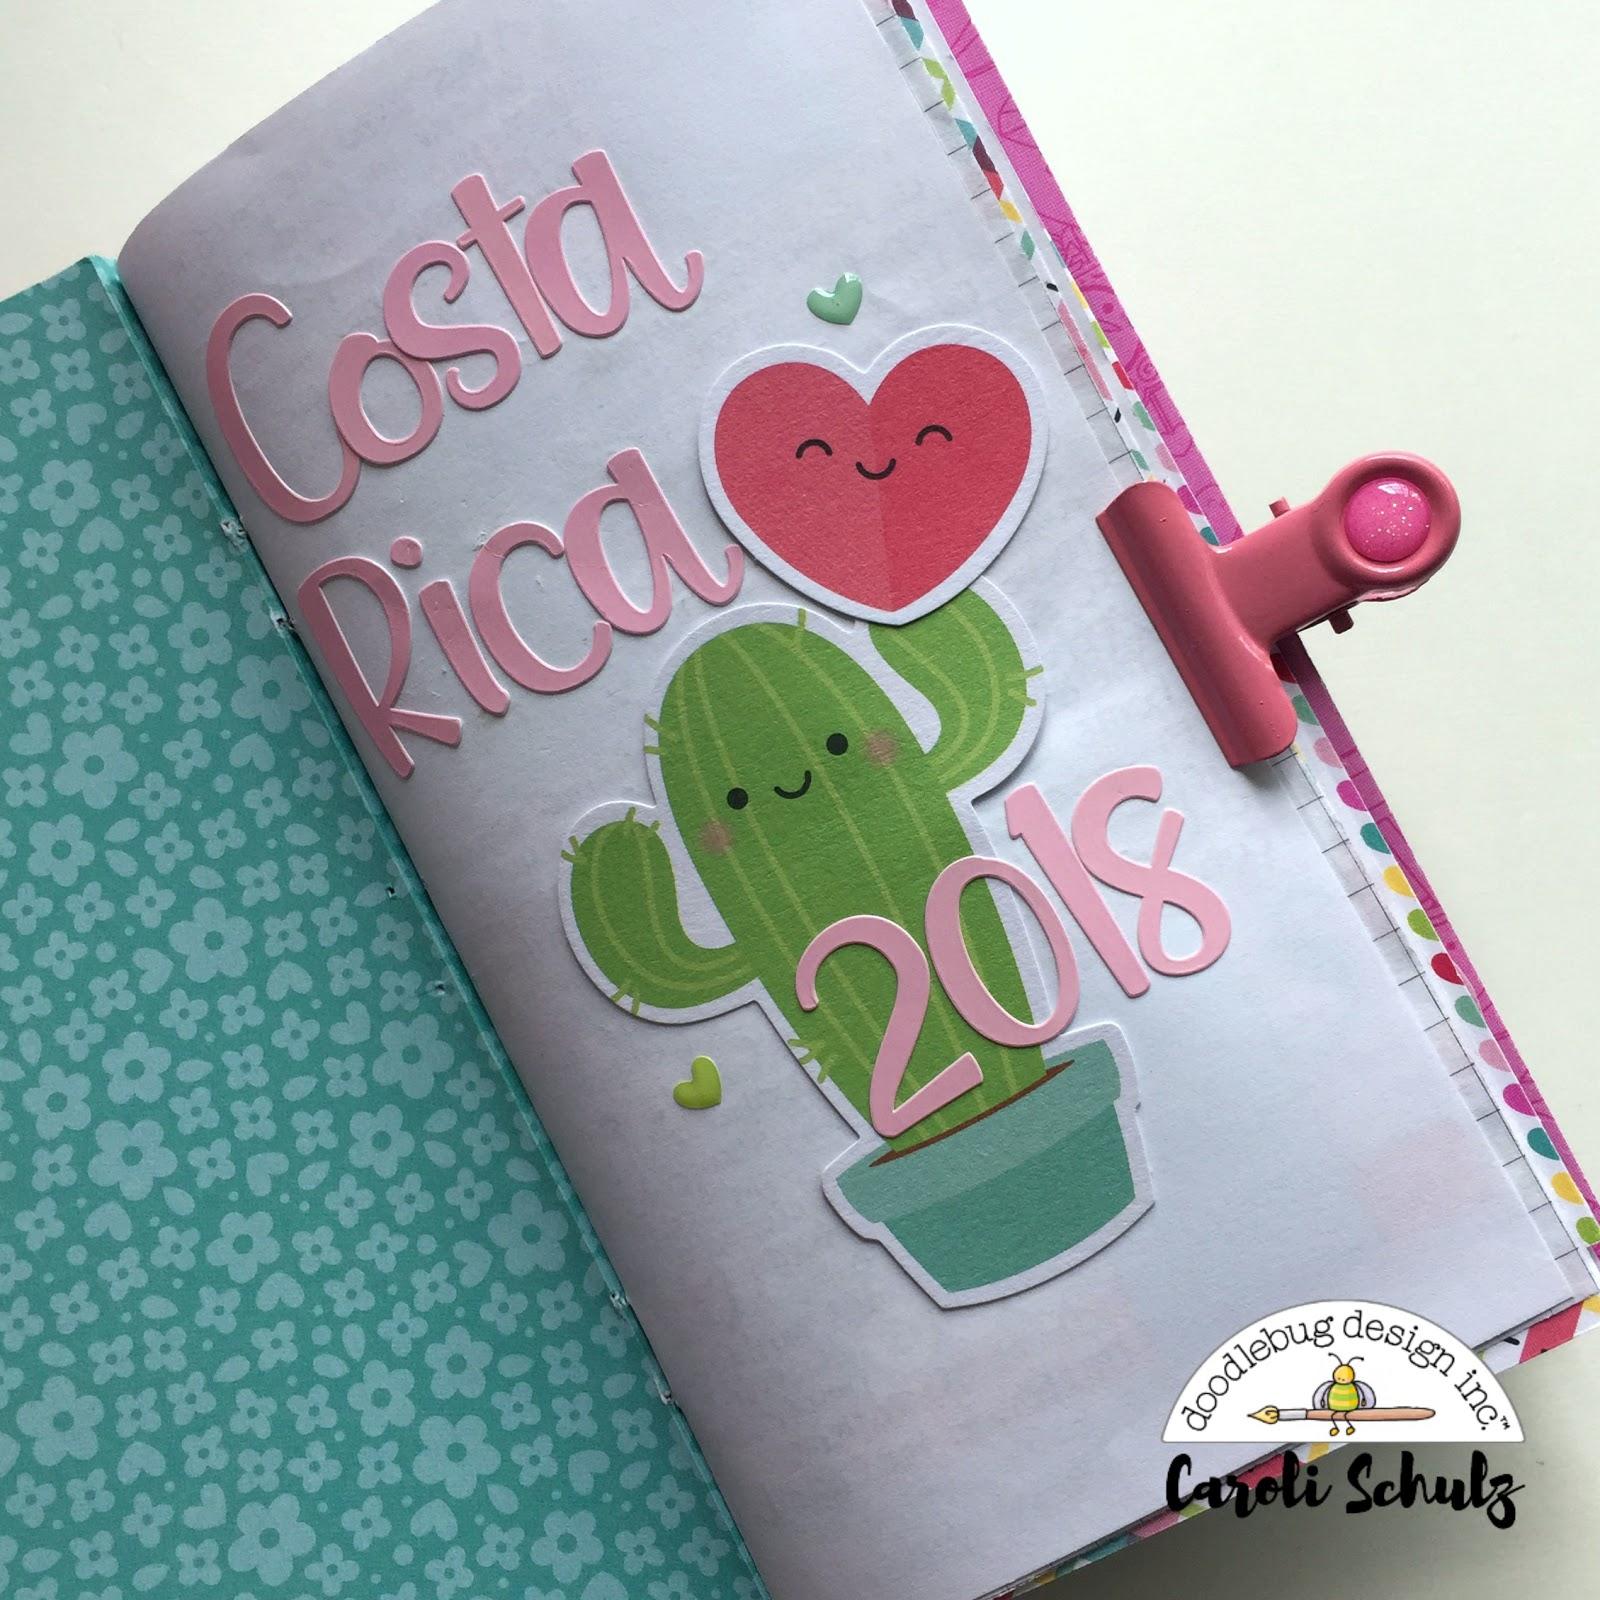 Famoso Orly Esmalte De Uñas De Color Rosa Foto - Ideas de Pintar de ...